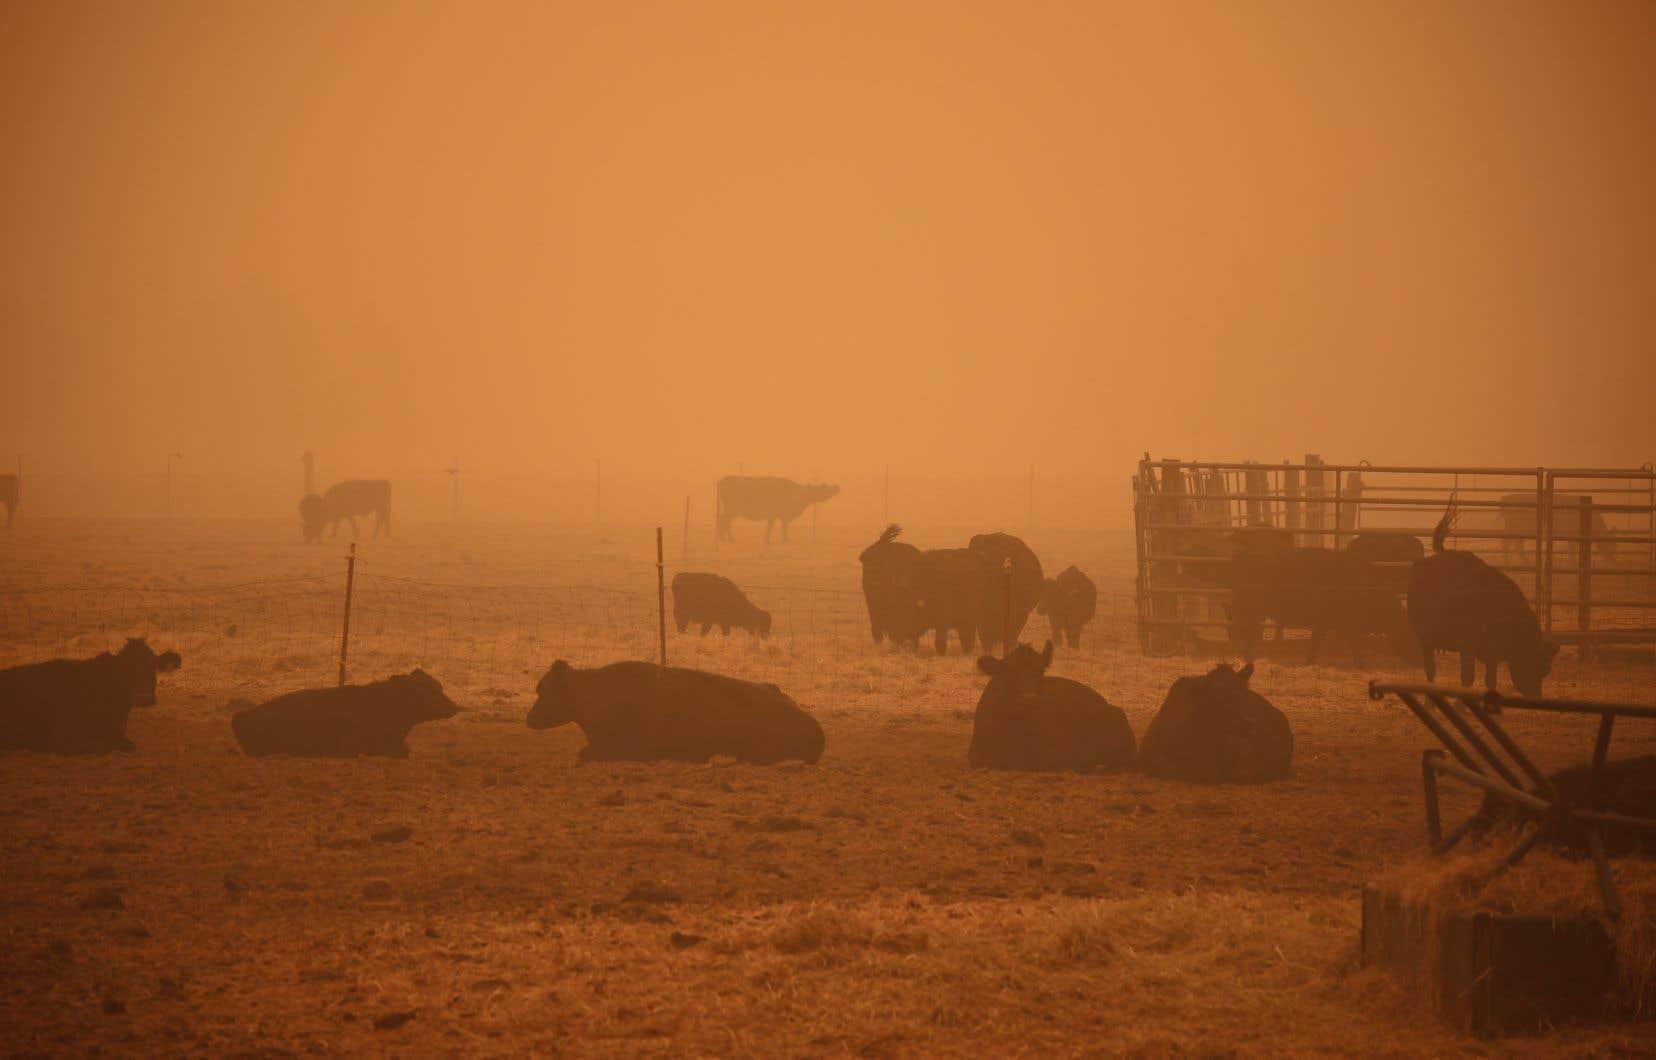 Sur ciel d'apocalypse, les vaches de l'Oregon attendent de finir en burgers, sur le gril ou dans les pâturages.